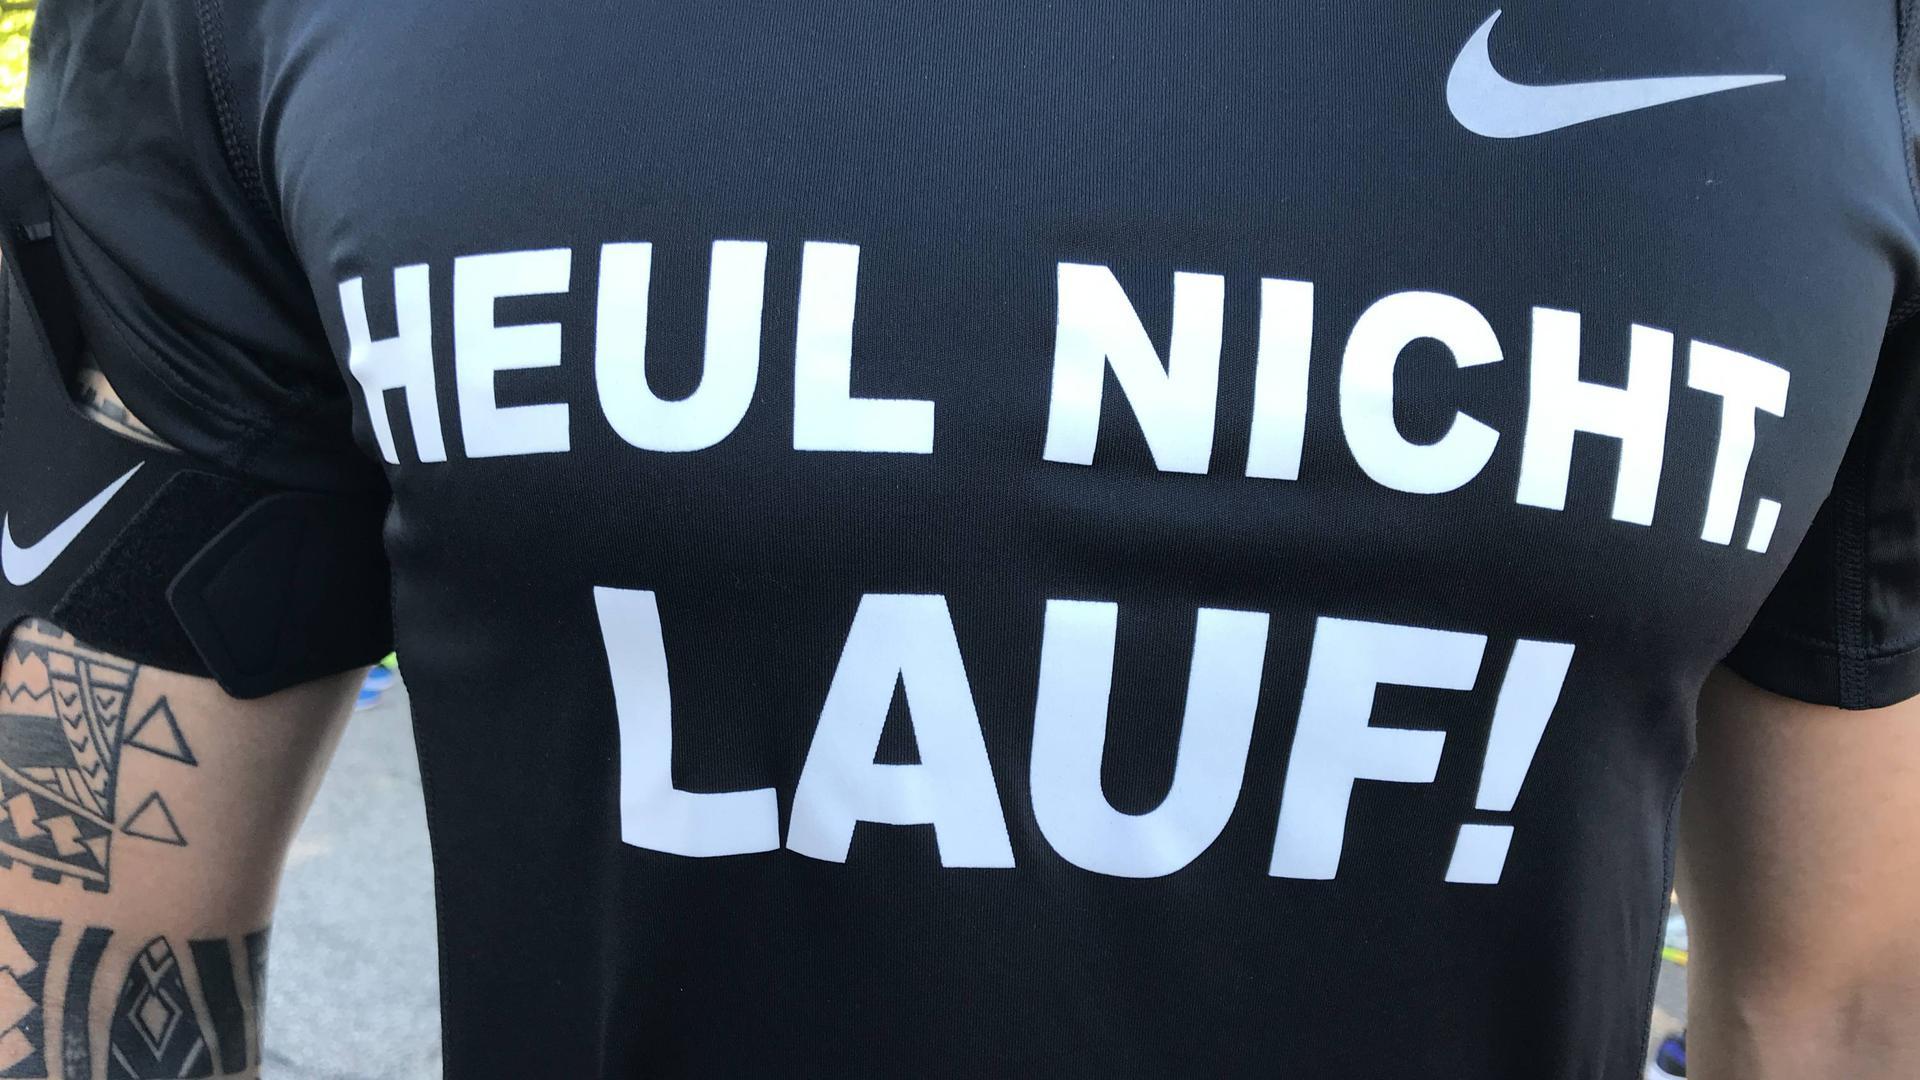 """Ein Teilnehmer beim Heel-Lauf am 28. Juni 2019 in Baden-Baden trägt ein Shirt mit der Aufschrift: """"Heul nicht, lauf!"""""""